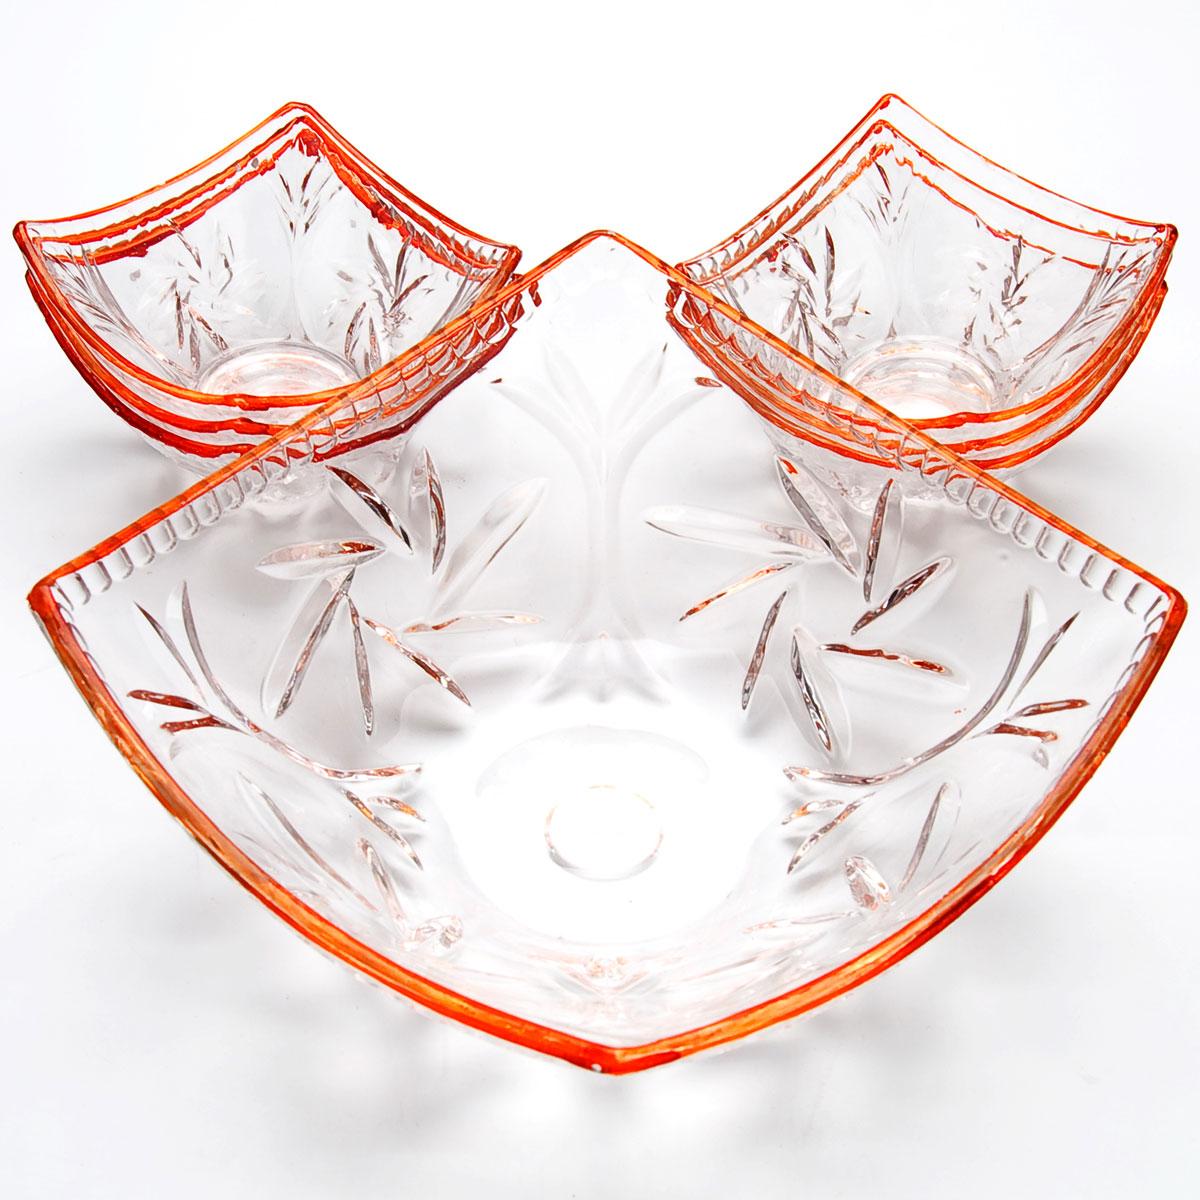 Набор салатников Mayer & Boch, 7 предметов. 2276222762Набор, выполненный из высококачественного стекла и декорированный рельефным рисунком, состоит из шести маленьких и одной большой пиалы. Пиалы прекрасно подойдут для сервировки стола и станут достойным оформлением для ваших любимых блюд. Изящный дизайн, высокое качество и функциональность набора позволят ему стать достойным дополнением к вашему кухонному инвентарю. 49х25х14см 2,35 л